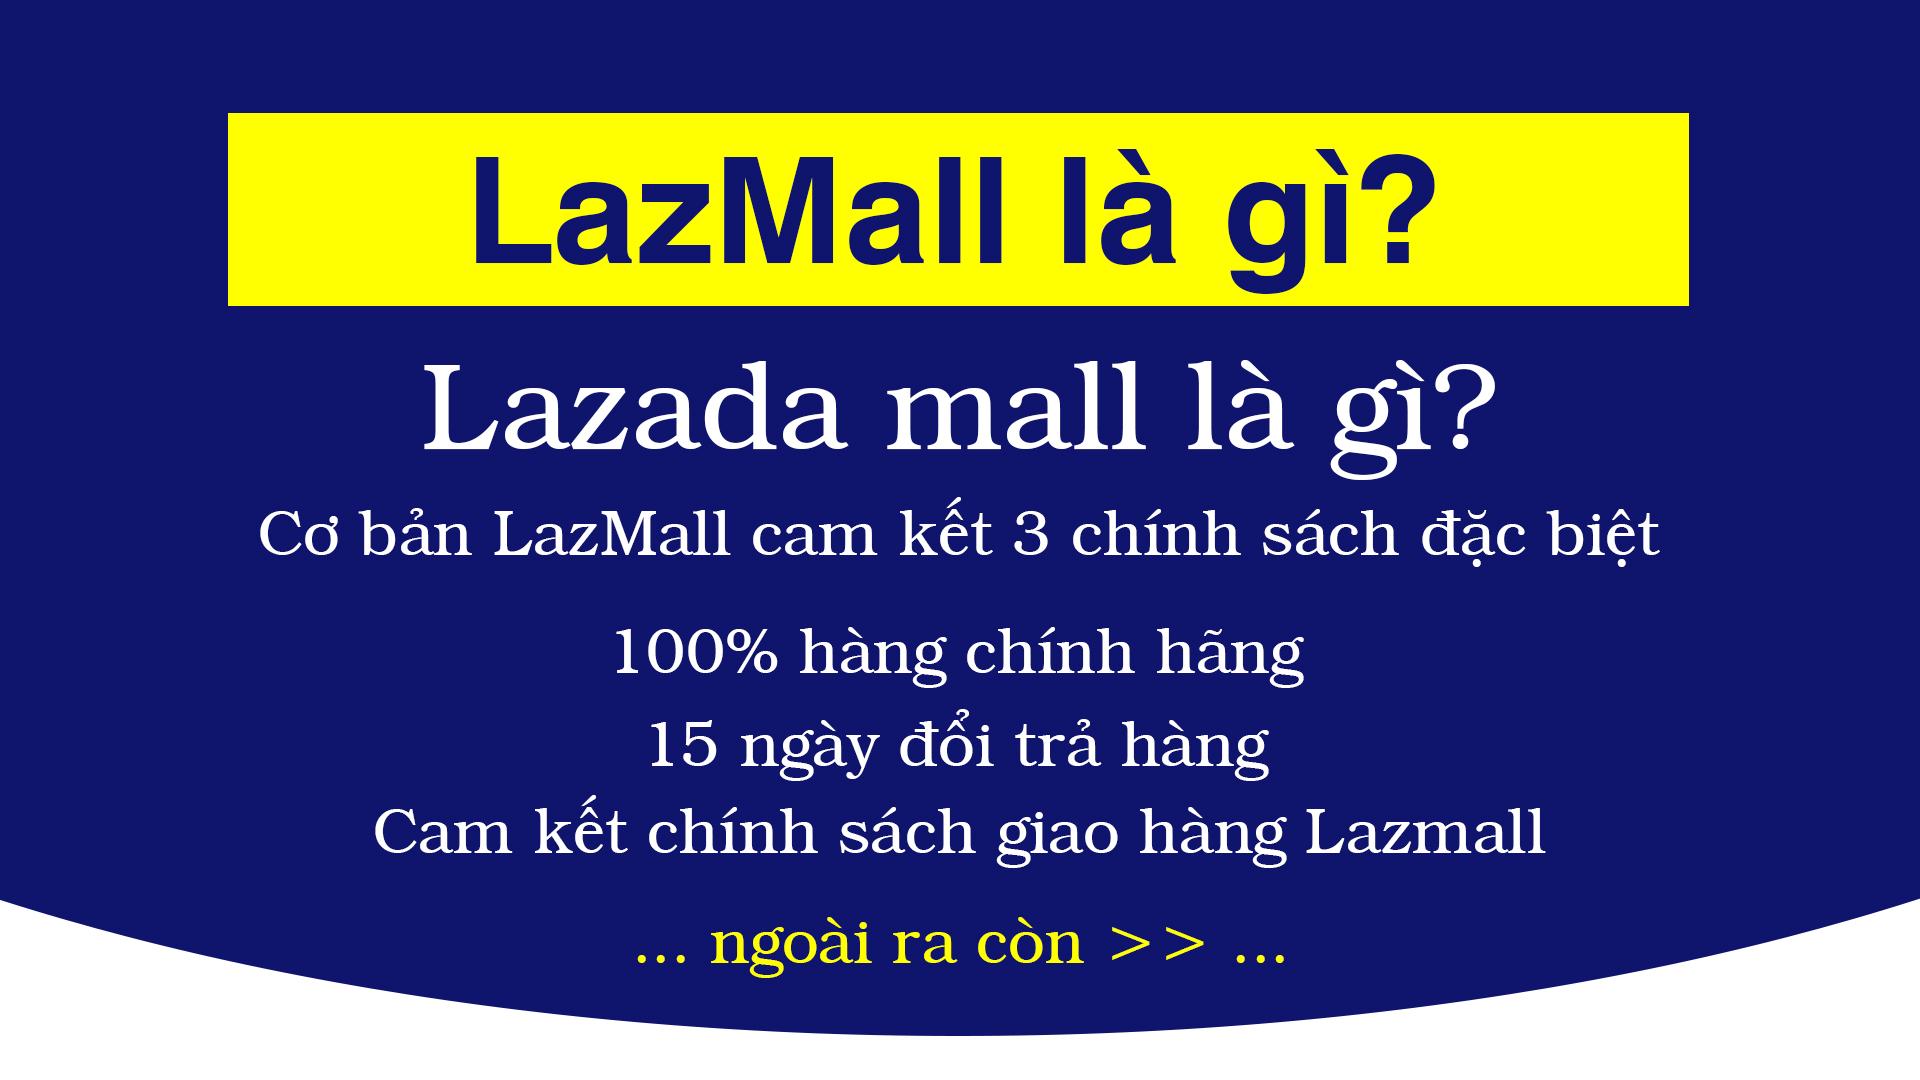 LazMall là gì? Lazada Mall là gì?